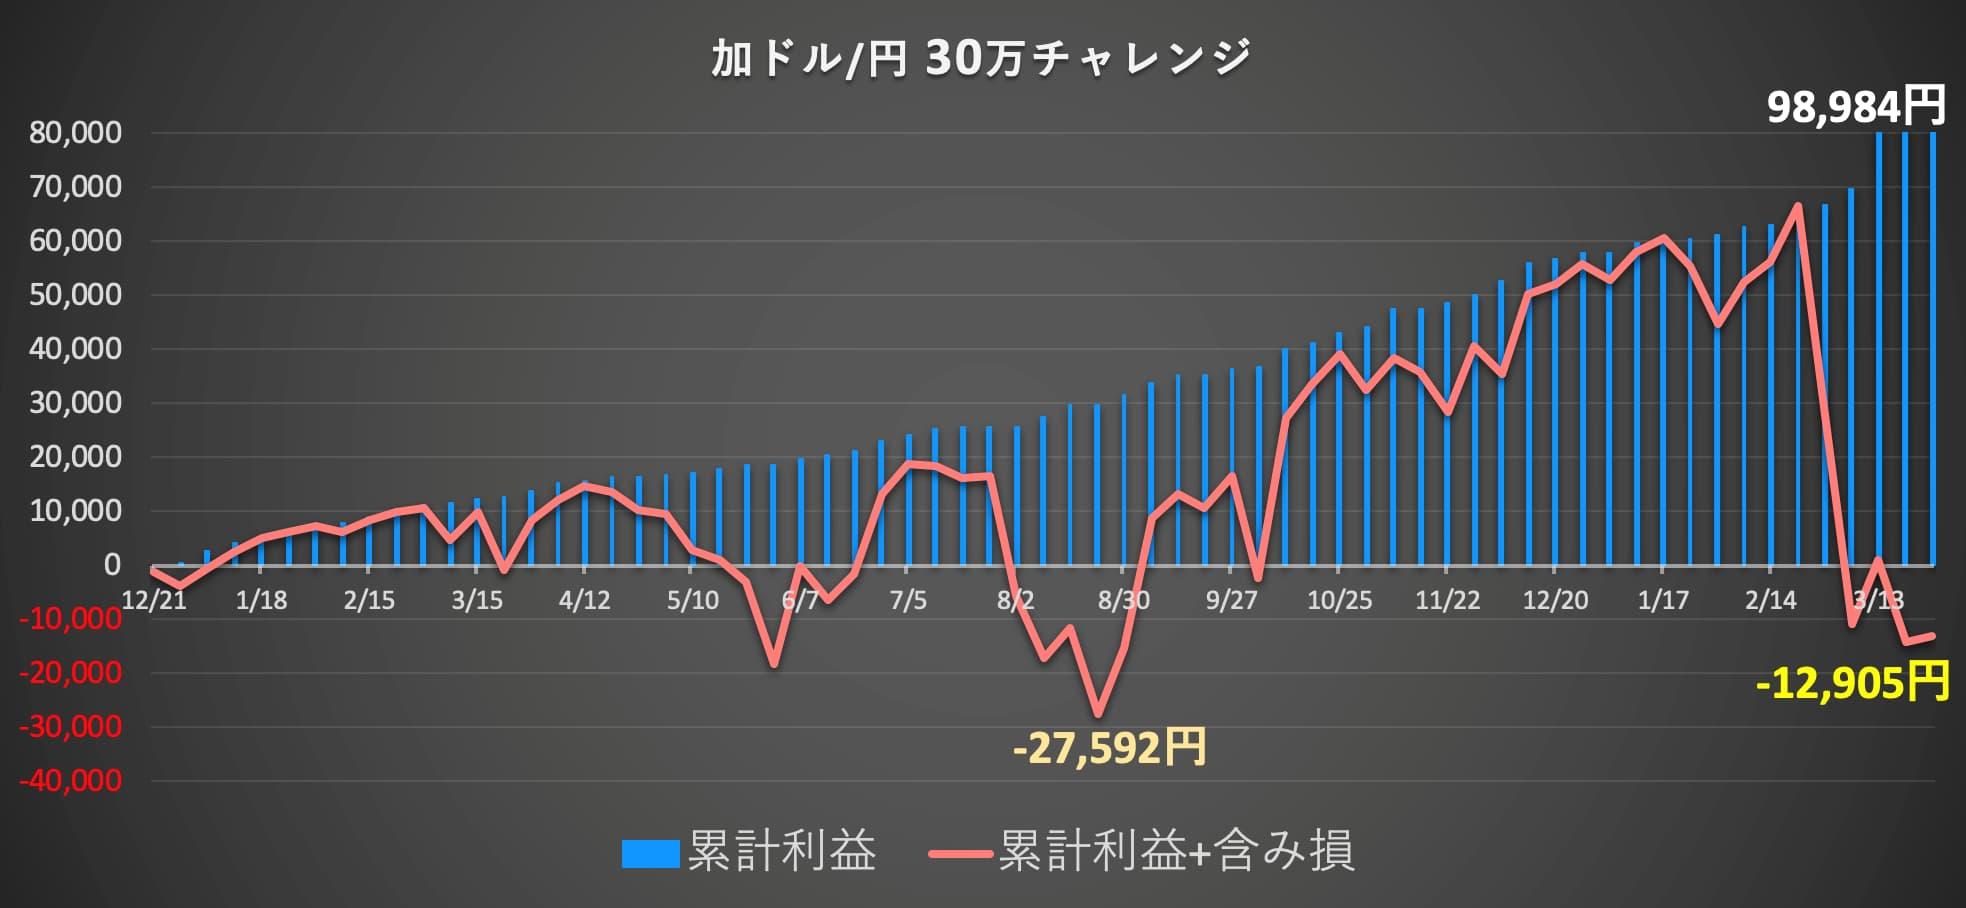 トラリピカナダ円利益グラフ